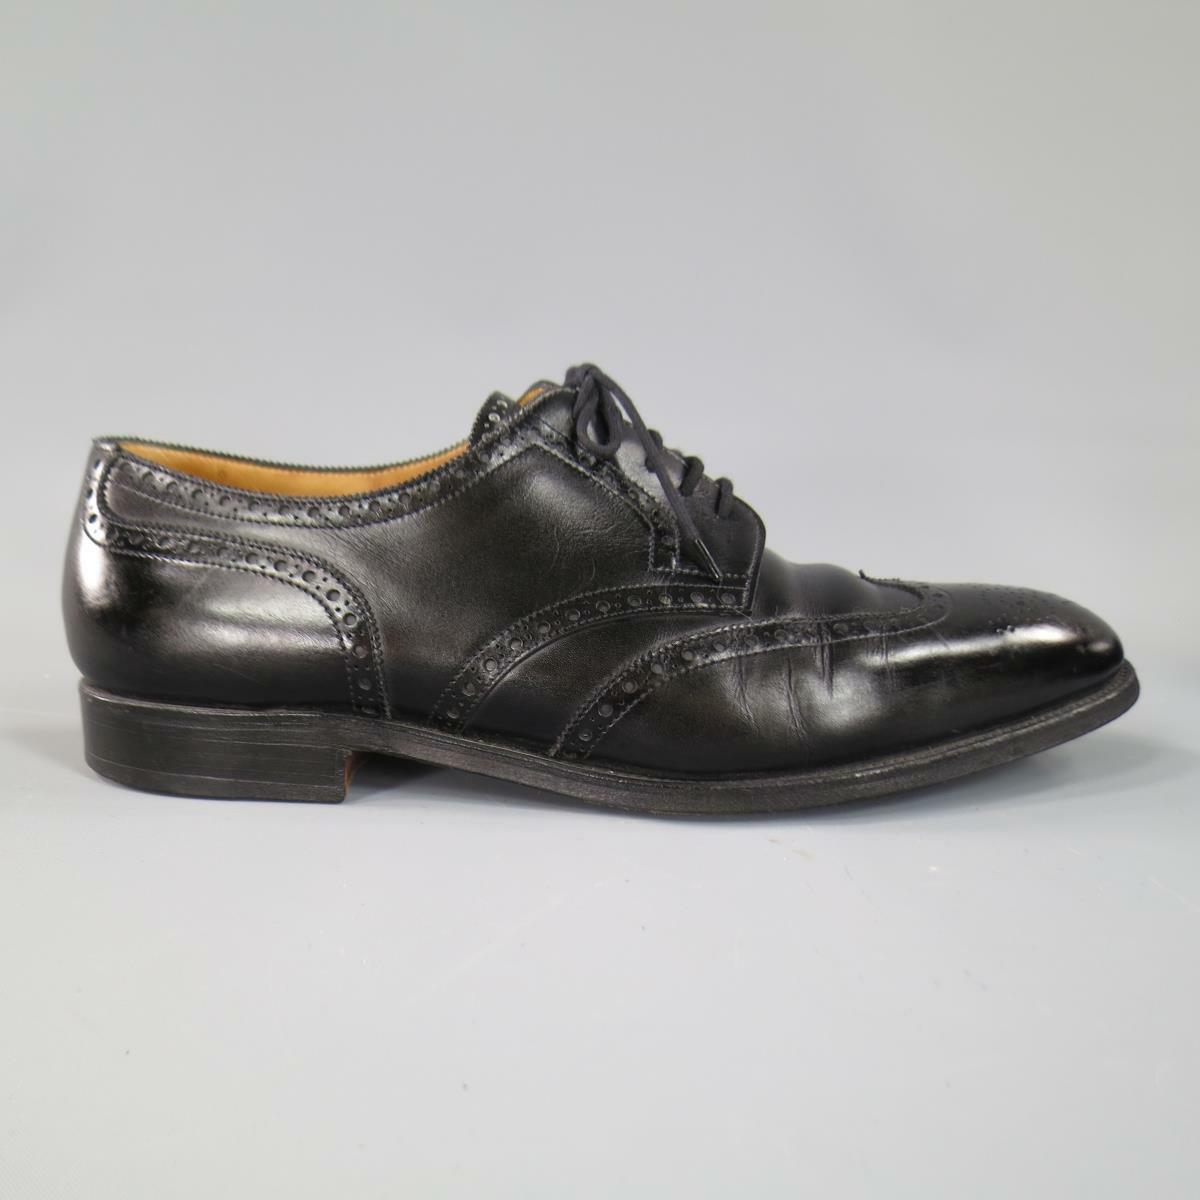 grandi offerte JOHN LOBB -DARBY- Dimensione 10.5 10.5 10.5 nero Leather Wingtip Lace Up  ottima selezione e consegna rapida